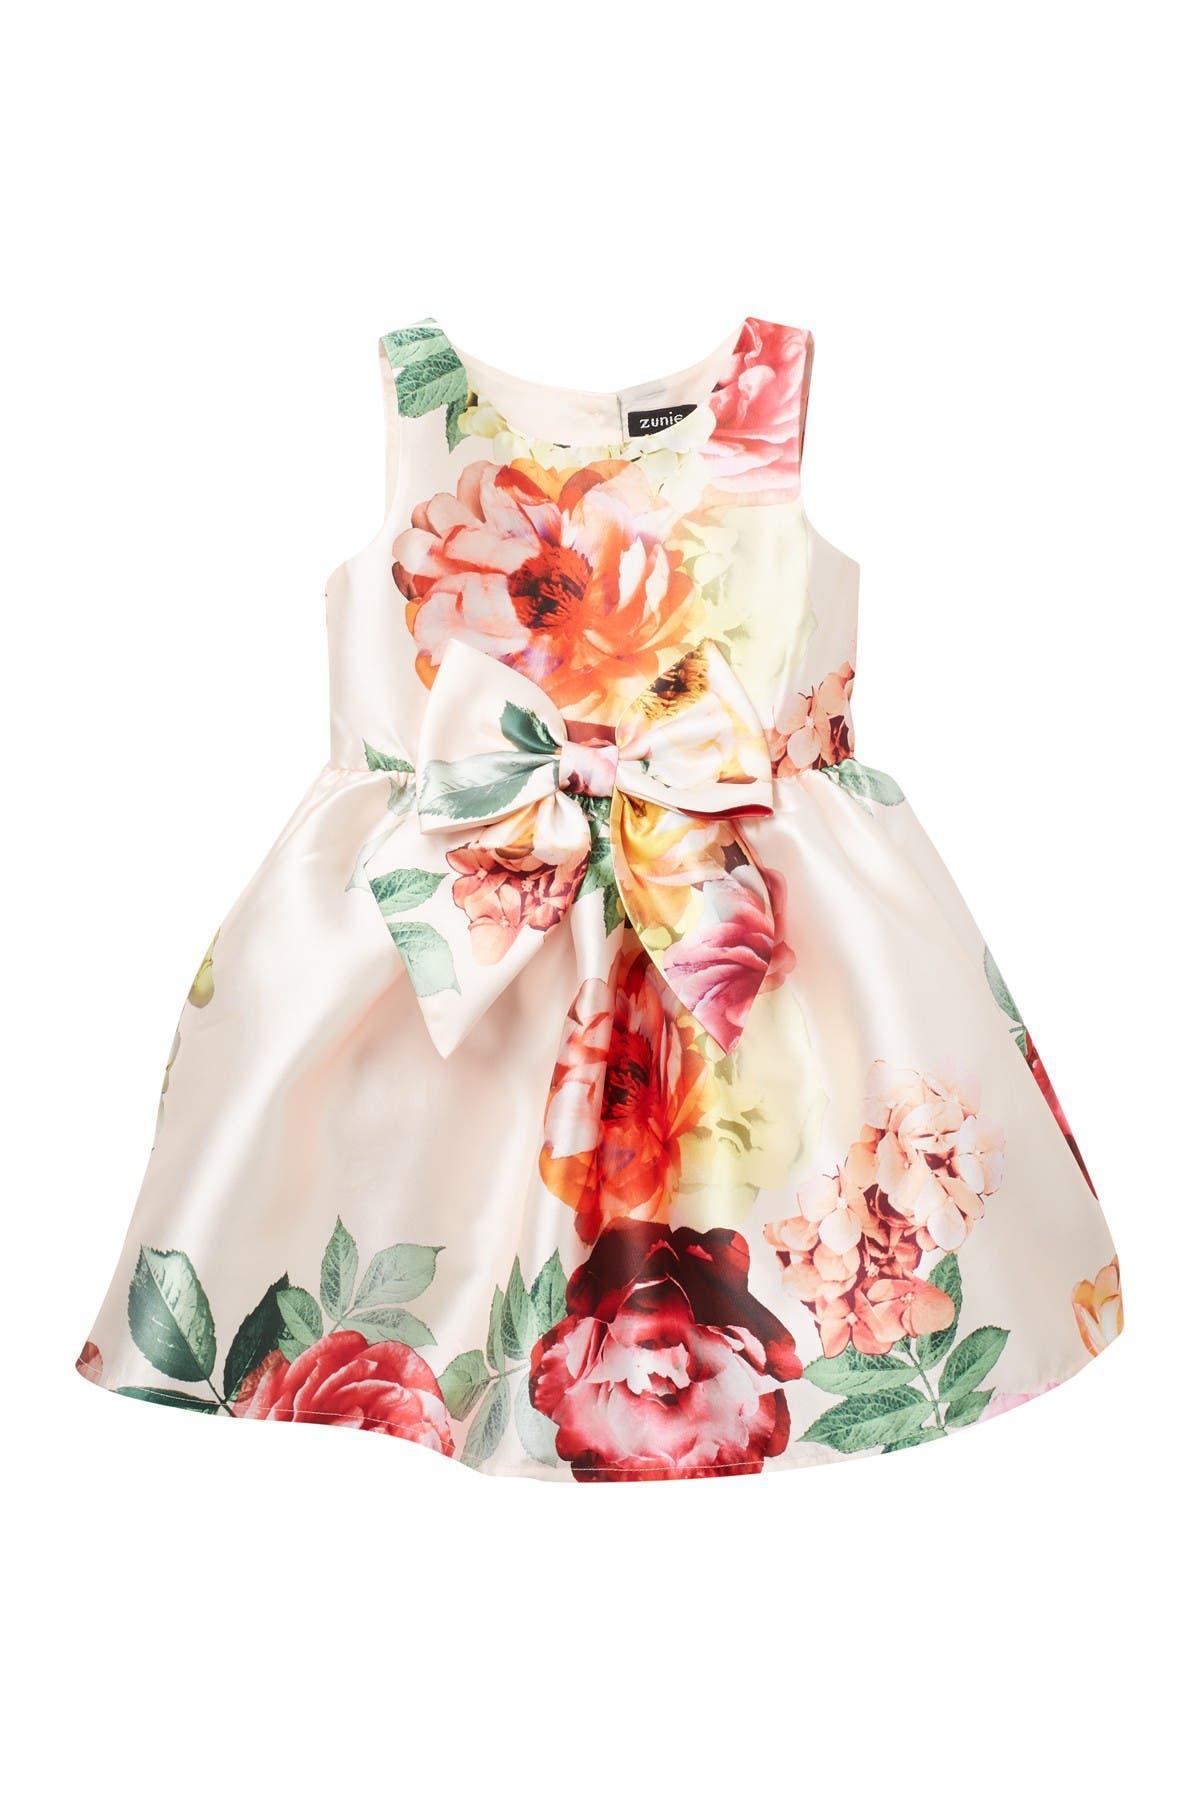 Image of Zunie Mikado Floral Dress w/ Bow